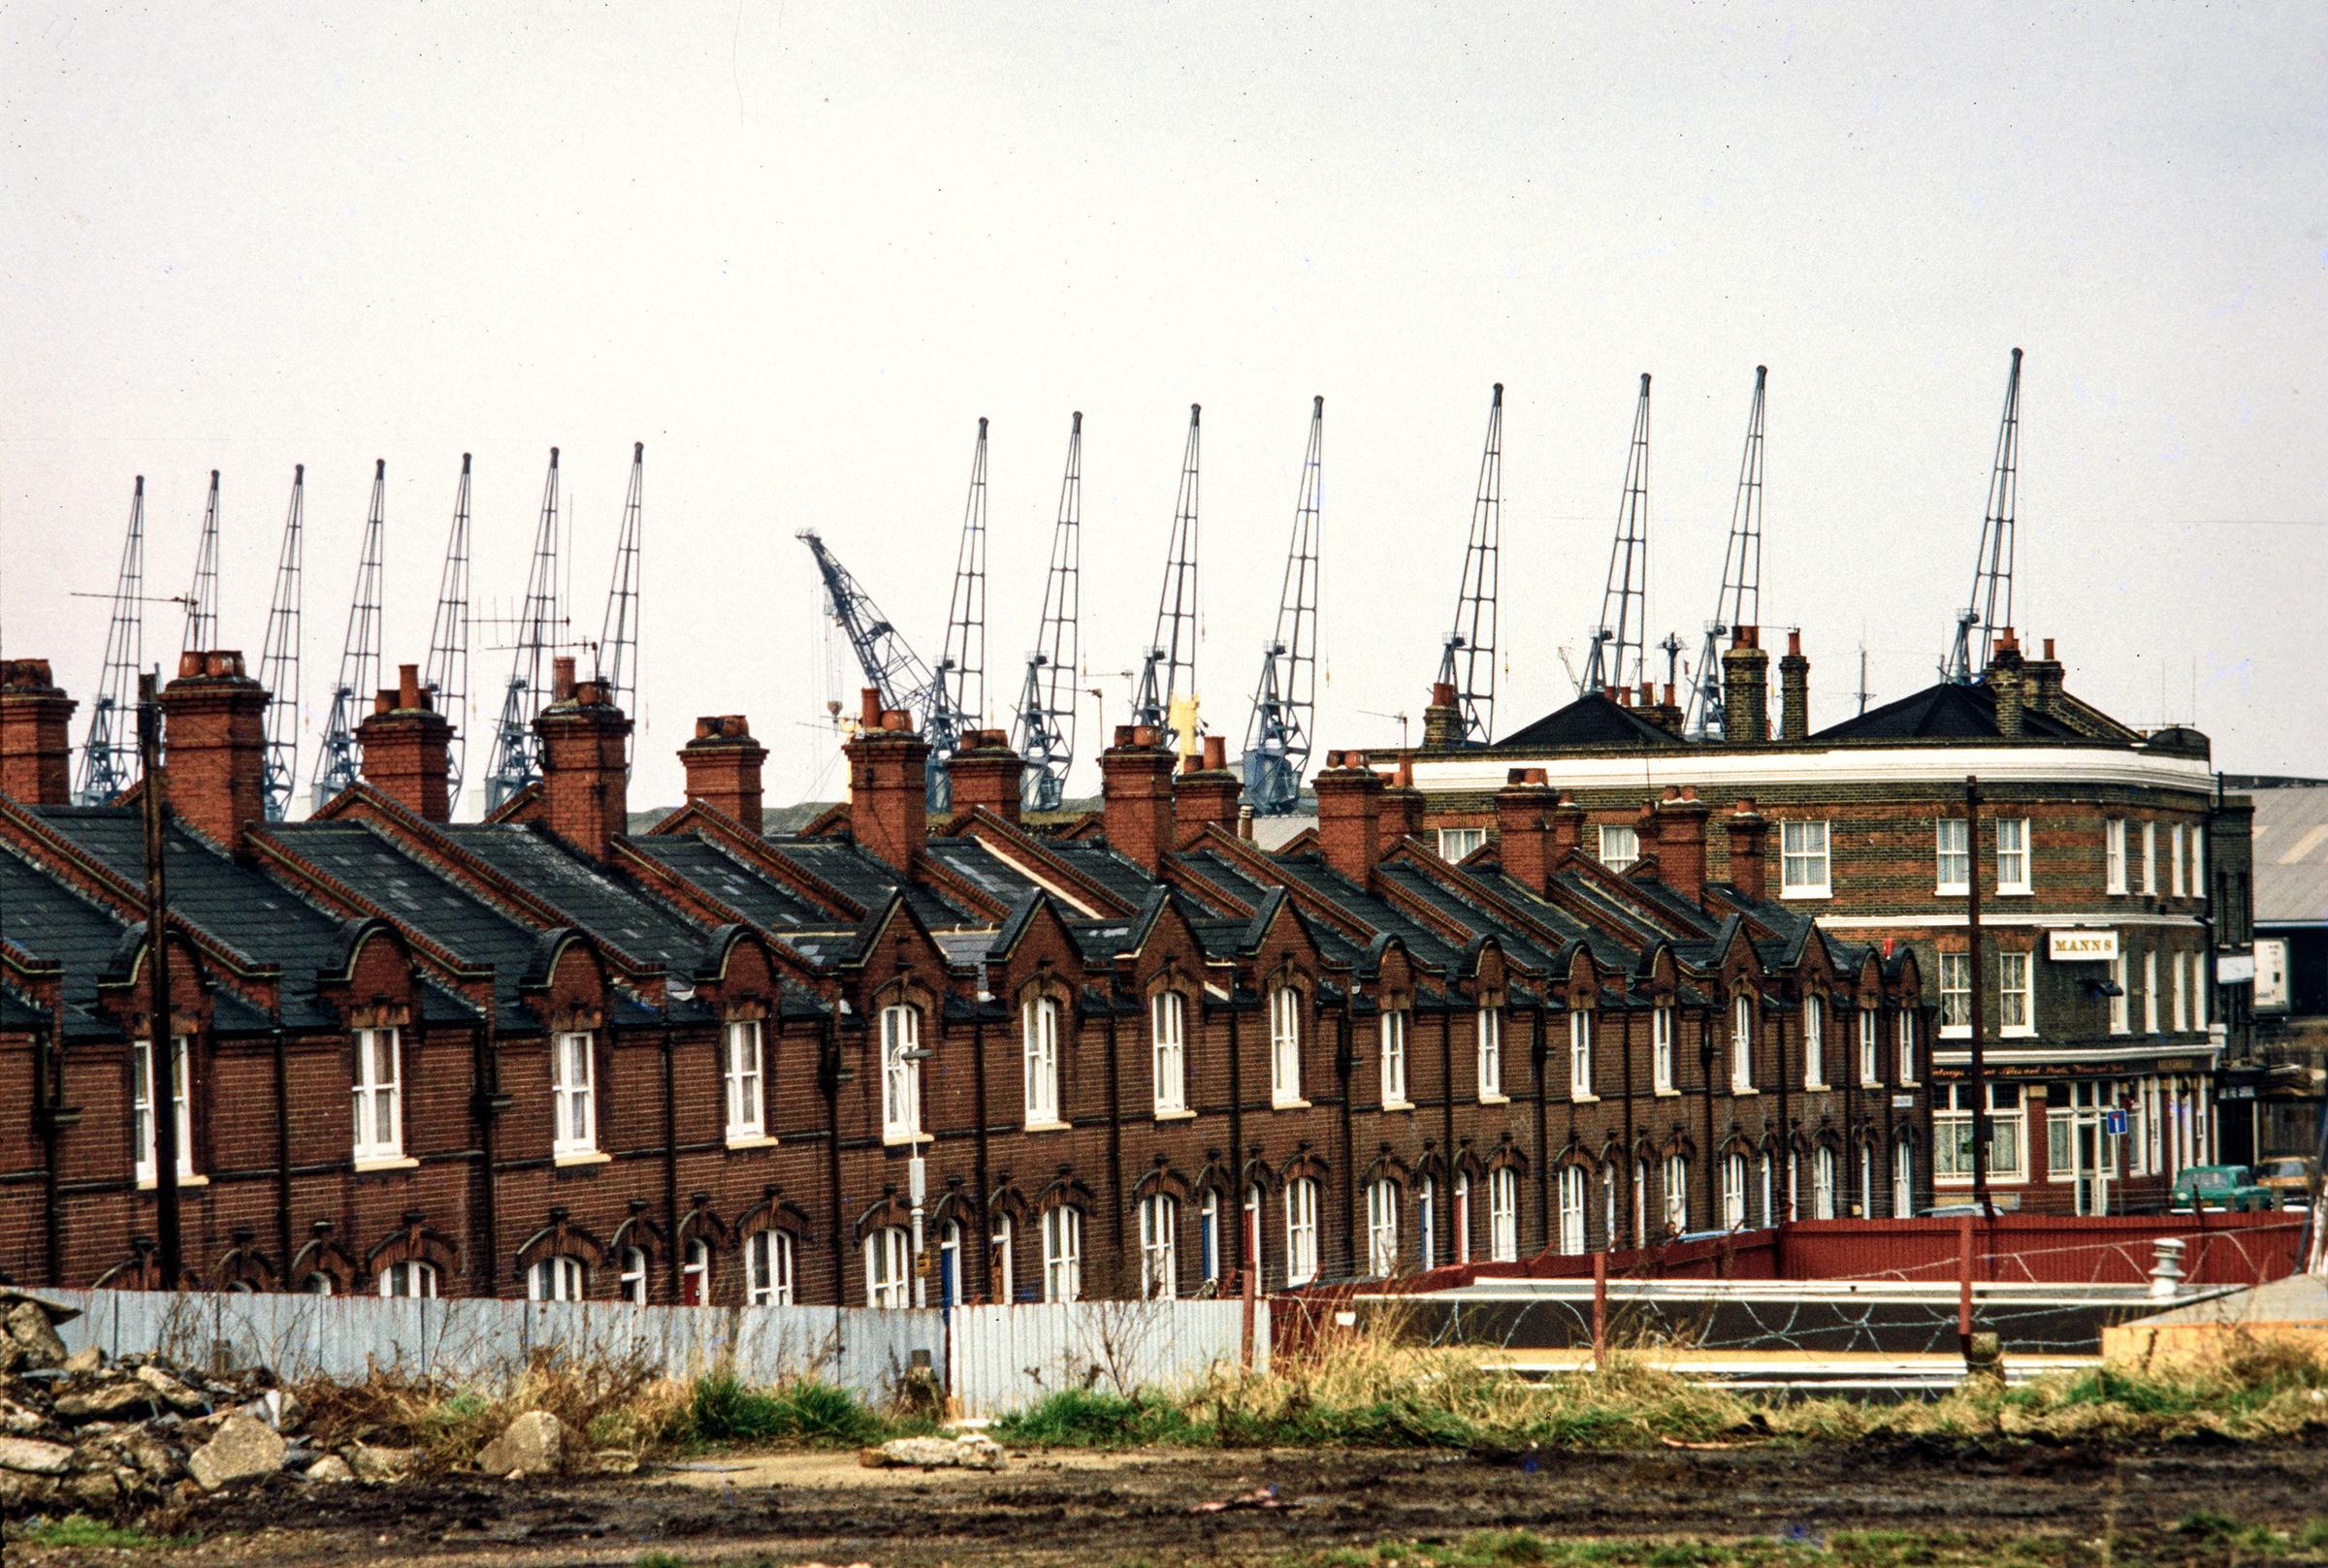 Une promenade autour de Newham, East London en 1991